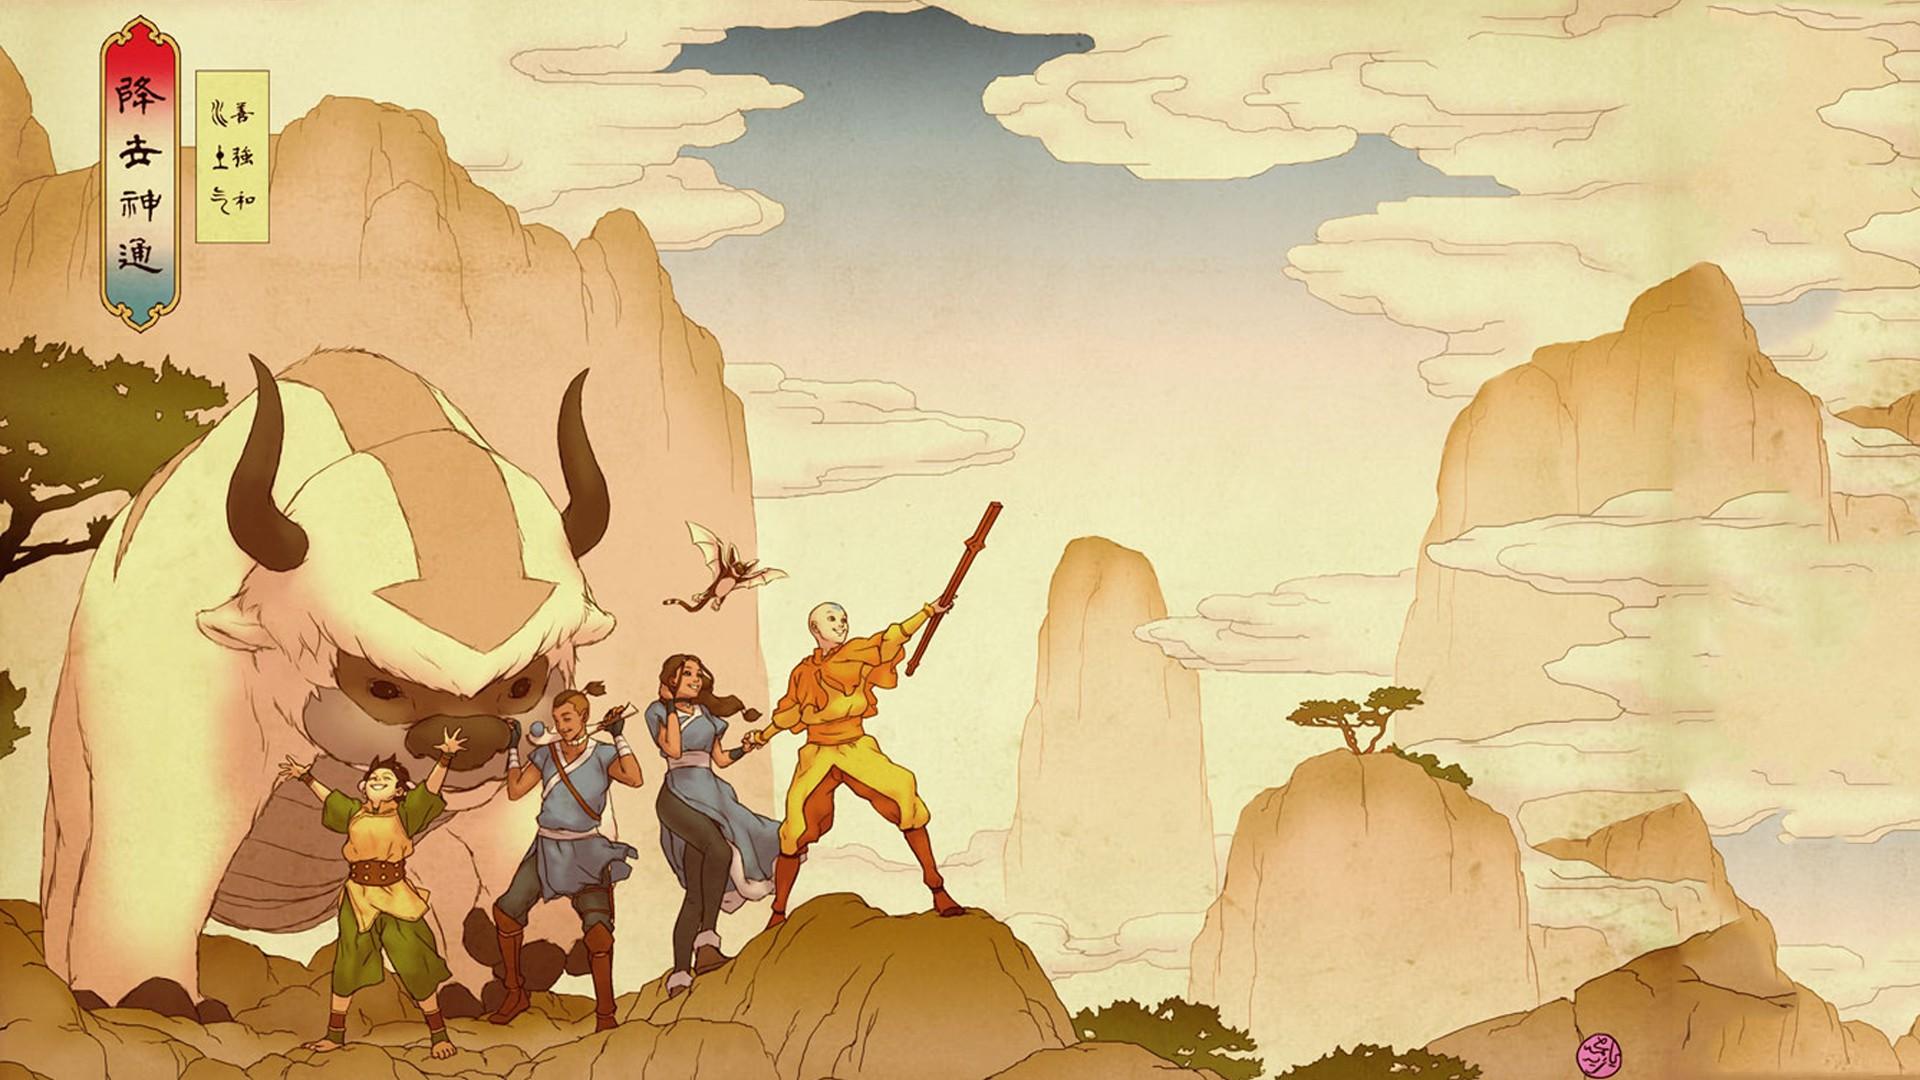 Wallpaper Illustration Cartoon Avatar The Last Airbender